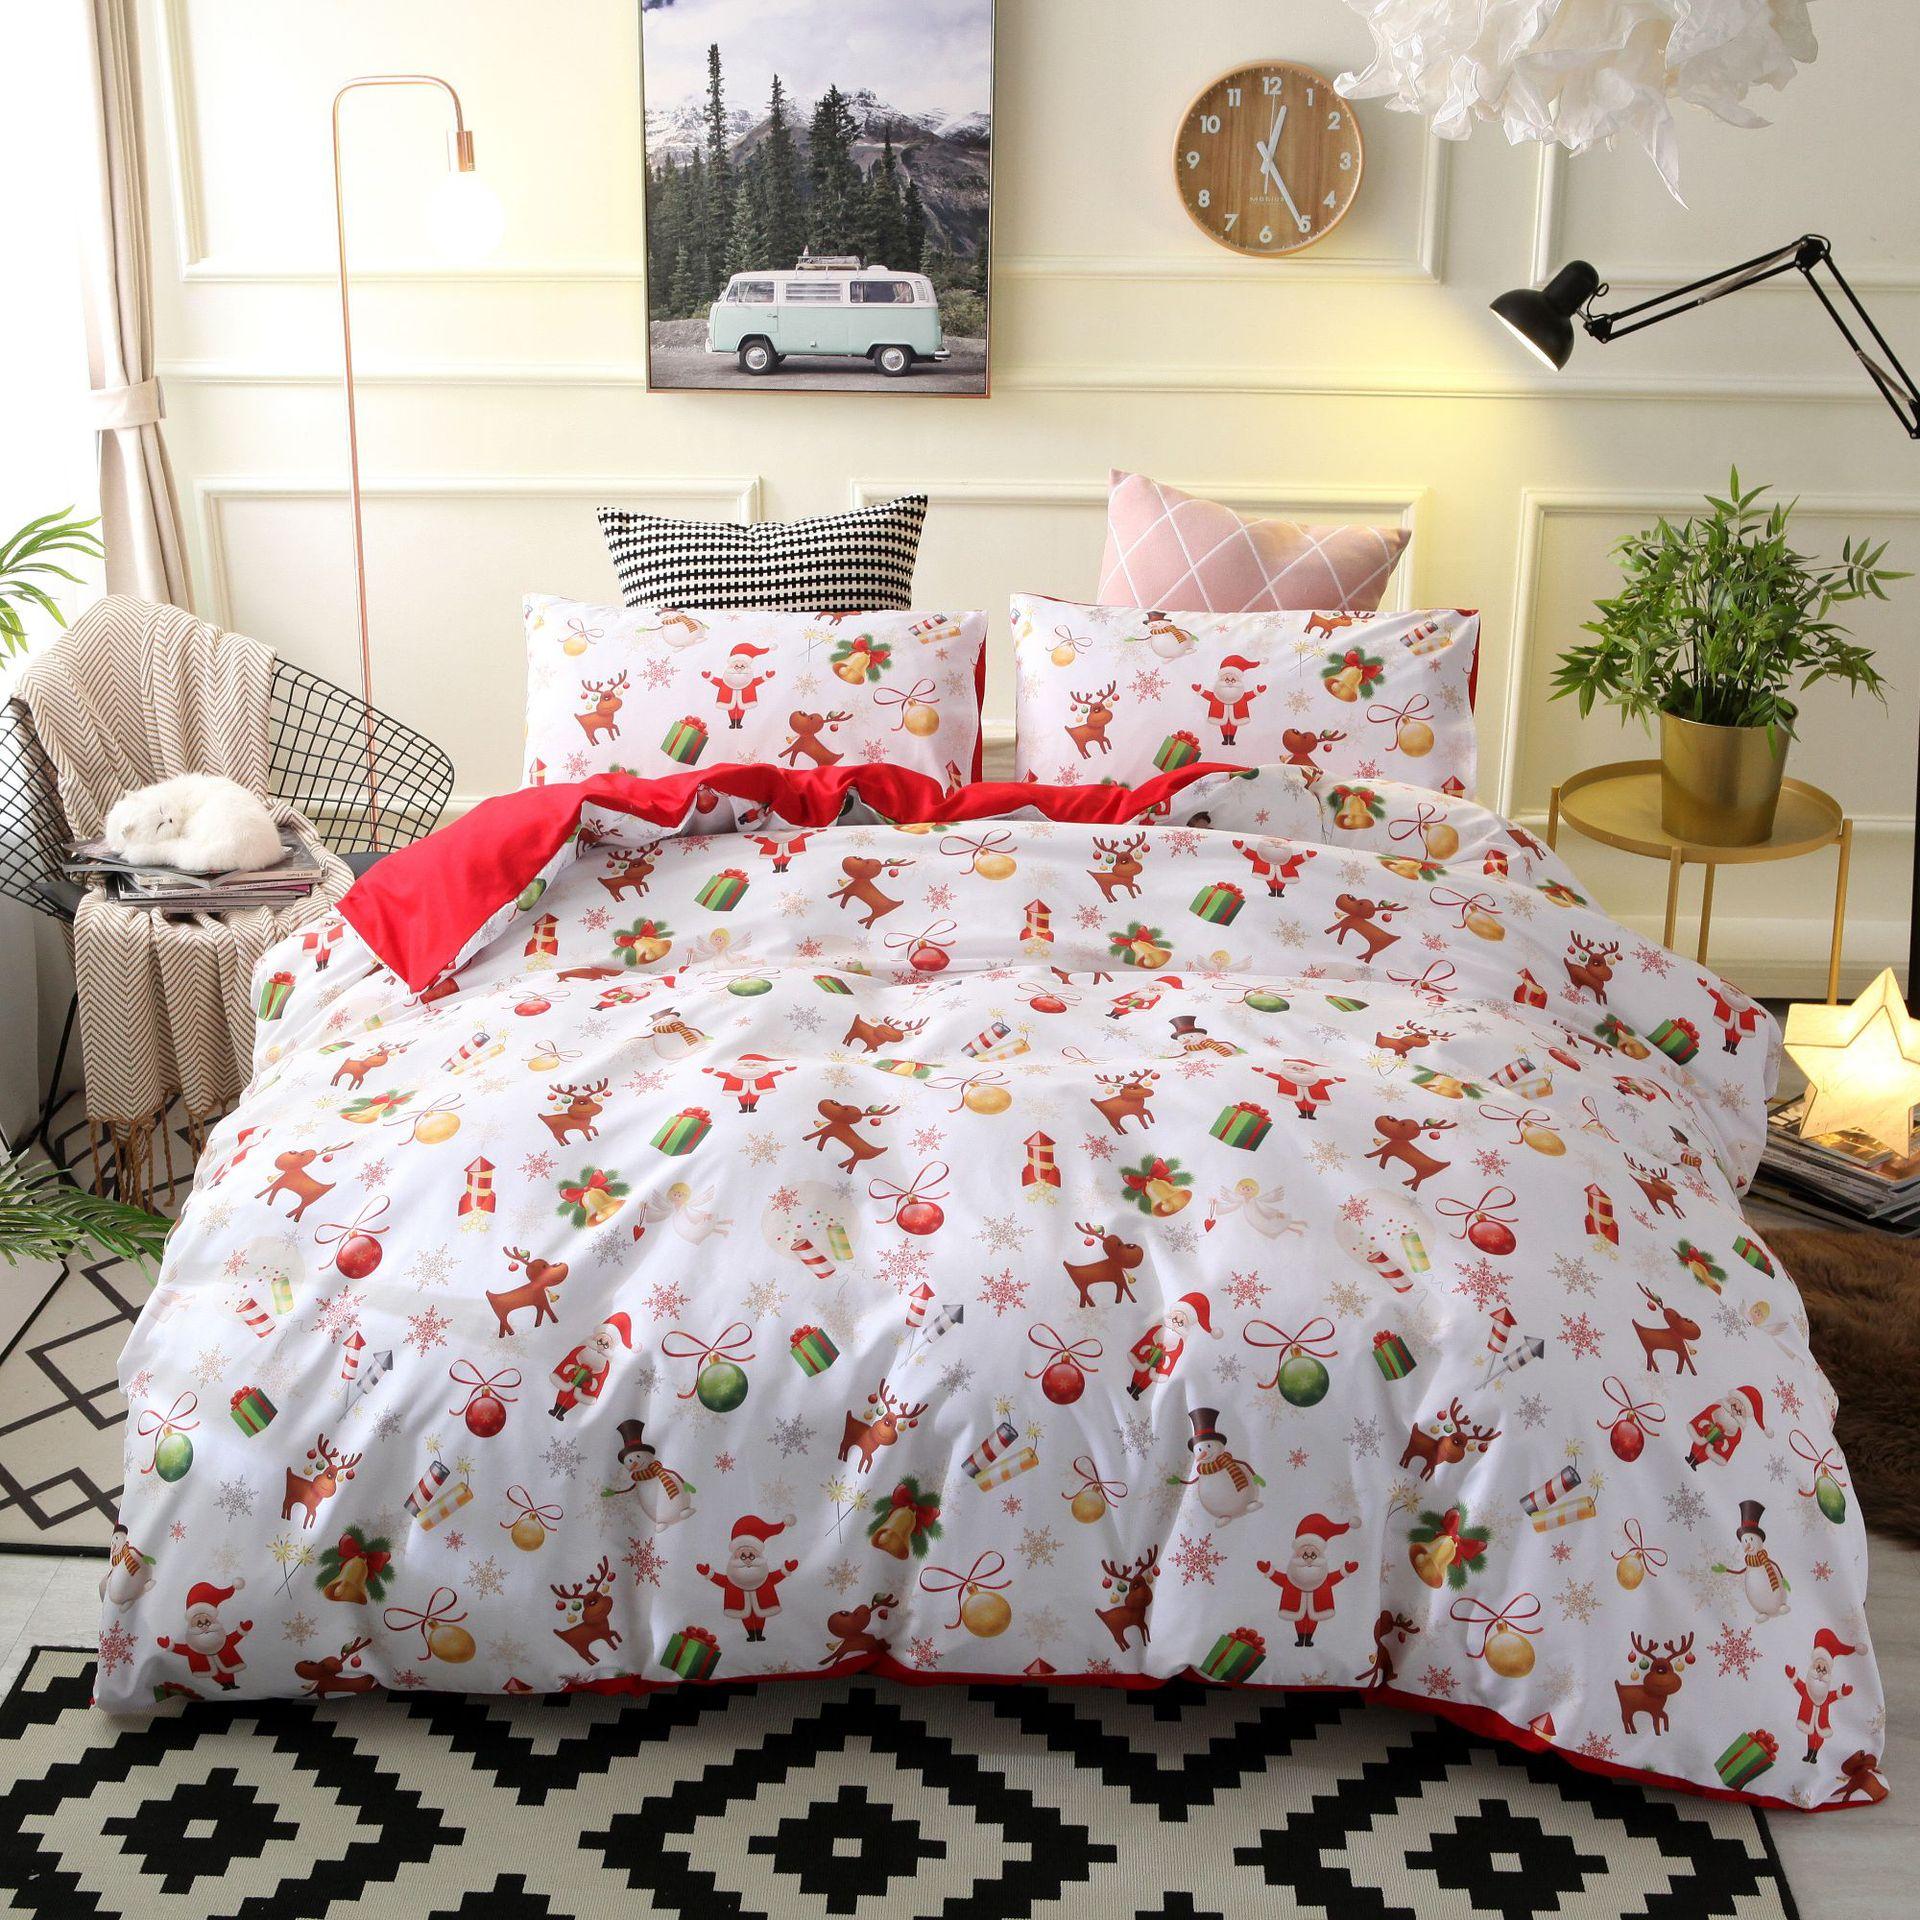 Colcha de patrón de regalo navideño de Papá Noel, funda de cama con estampado 3d, conjunto de ropa de cama textil para el hogar, funda de almohada be54